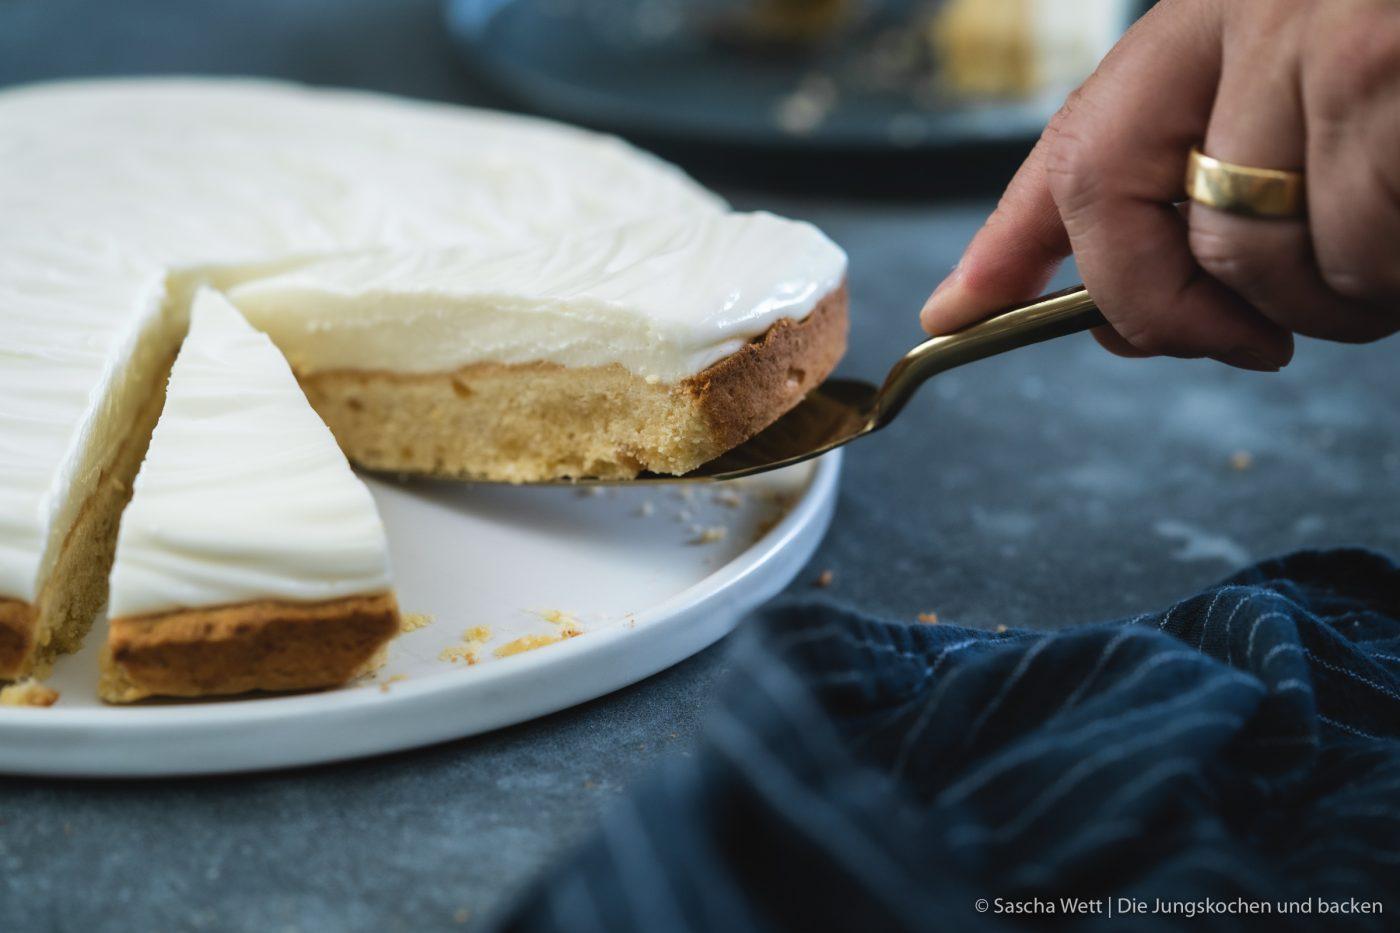 Half Baked Cheesecake HoldenblÅtensirup sommer 7 | Der Sommer startet gerade richtig durch! Wir lieben den Sommer und ja, auch an solchen Tagen mit 36 °C, aber davon reicht auch einer. Schwitzen hin oder her, der Genuss sollte aber nie zu kurz kommen. Wir laden im Sommer so gerne Freunde ein und verbringen eine schöne Zeit auf der Dachterasse. So auch letztes Wochenende und dieser frische und sommerliche Half-Baked Cheesecake war das perfekte Dessert.